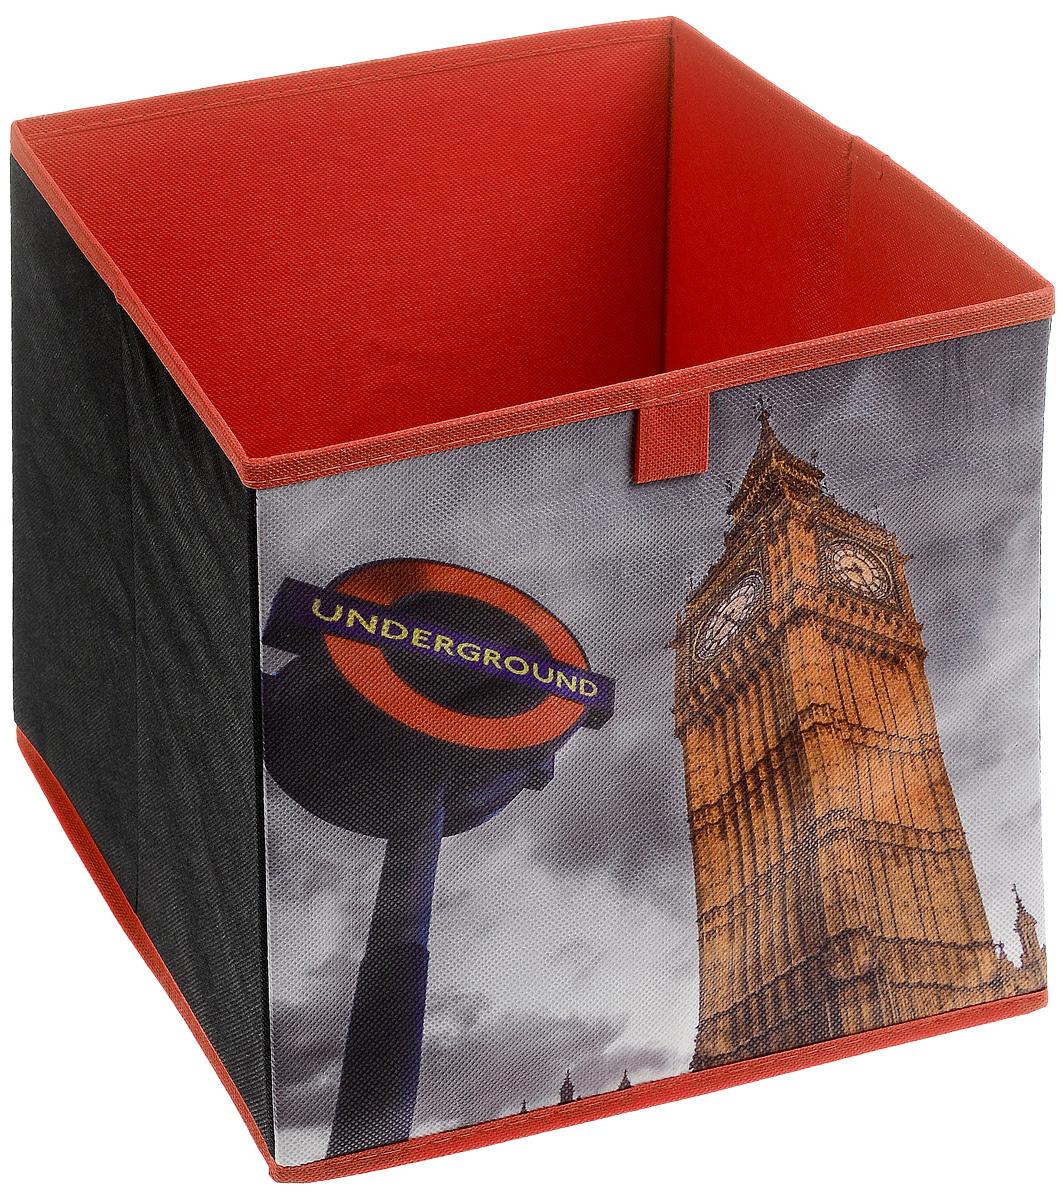 Кофр для хранения Биг-Бен, 28 х 28 х 28 смFS-6196-C02Кофр для хранения Биг-Бен изготовлен из высококачественного нетканого полотна и декорирован красочным изображением самой известной лондонской башни. Кофр имеет одно большое отделение, где вы можете хранить различные бытовые вещи, нижнее белье, одежду и многое другое. Вставки из картона обеспечивают прочность конструкции. Стильный принт, модный цвет и качество исполнения сделают такой кофр незаменимым для хранения ваших вещей.